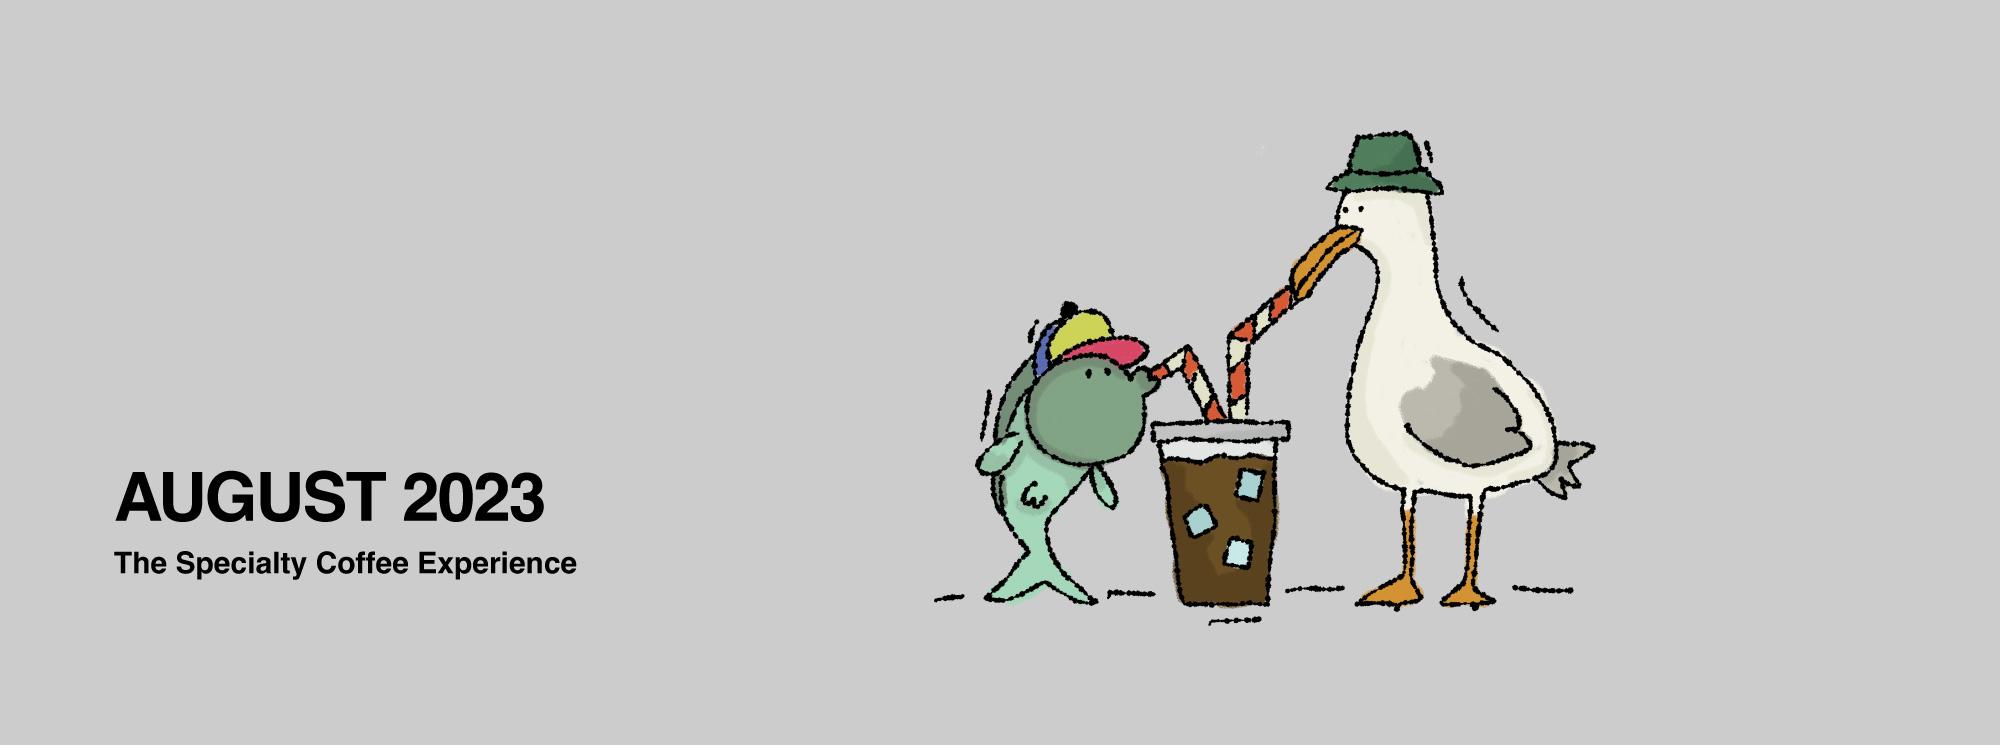 スペシャルティコーヒー専門店 コーヒー豆通販・オリジナルドリップバッグ | THE COFFEESHOP(ザ・コーヒーショップ)オンラインショップ